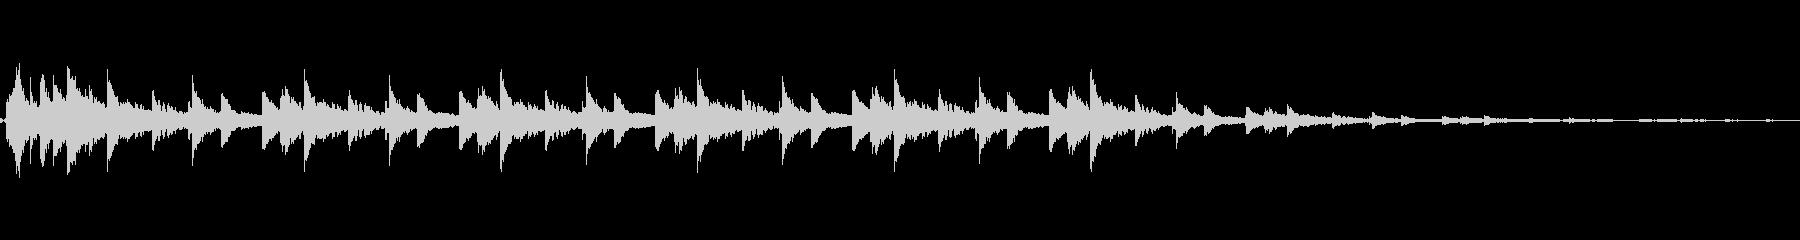 ウィンドチャイムメタルベルの未再生の波形